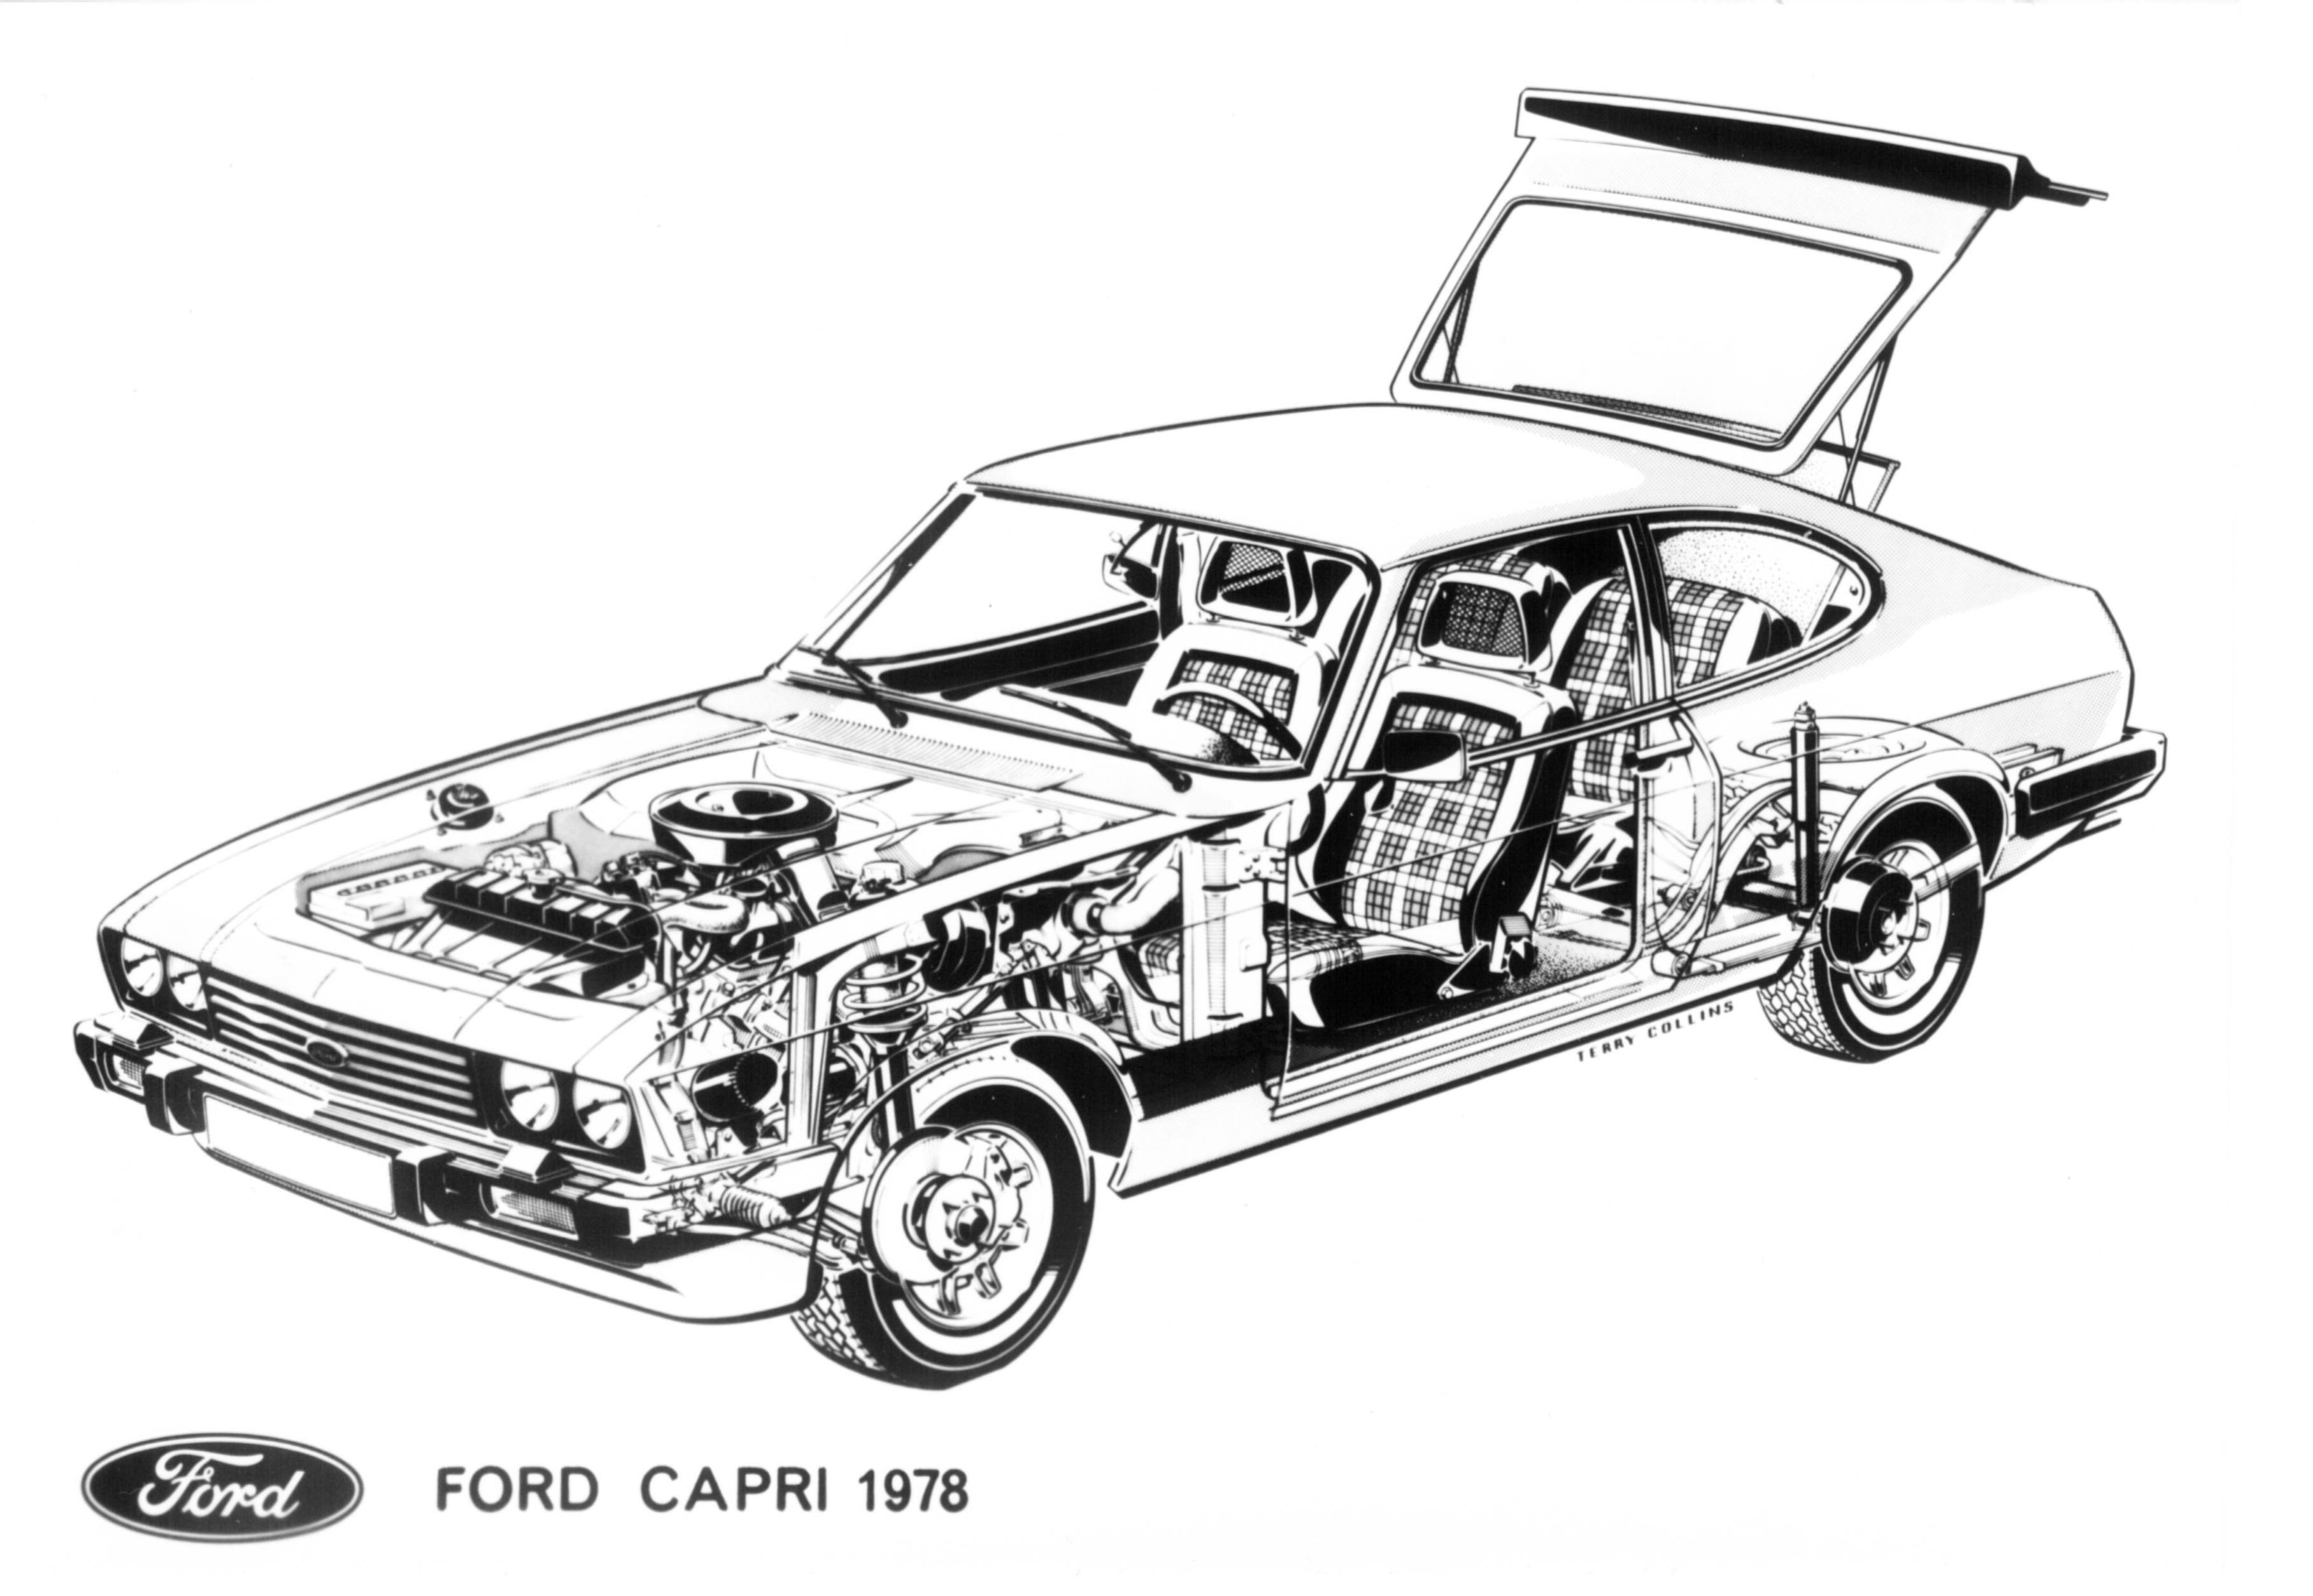 Postkort-FORD-CAPRI-1978-cutaway-1